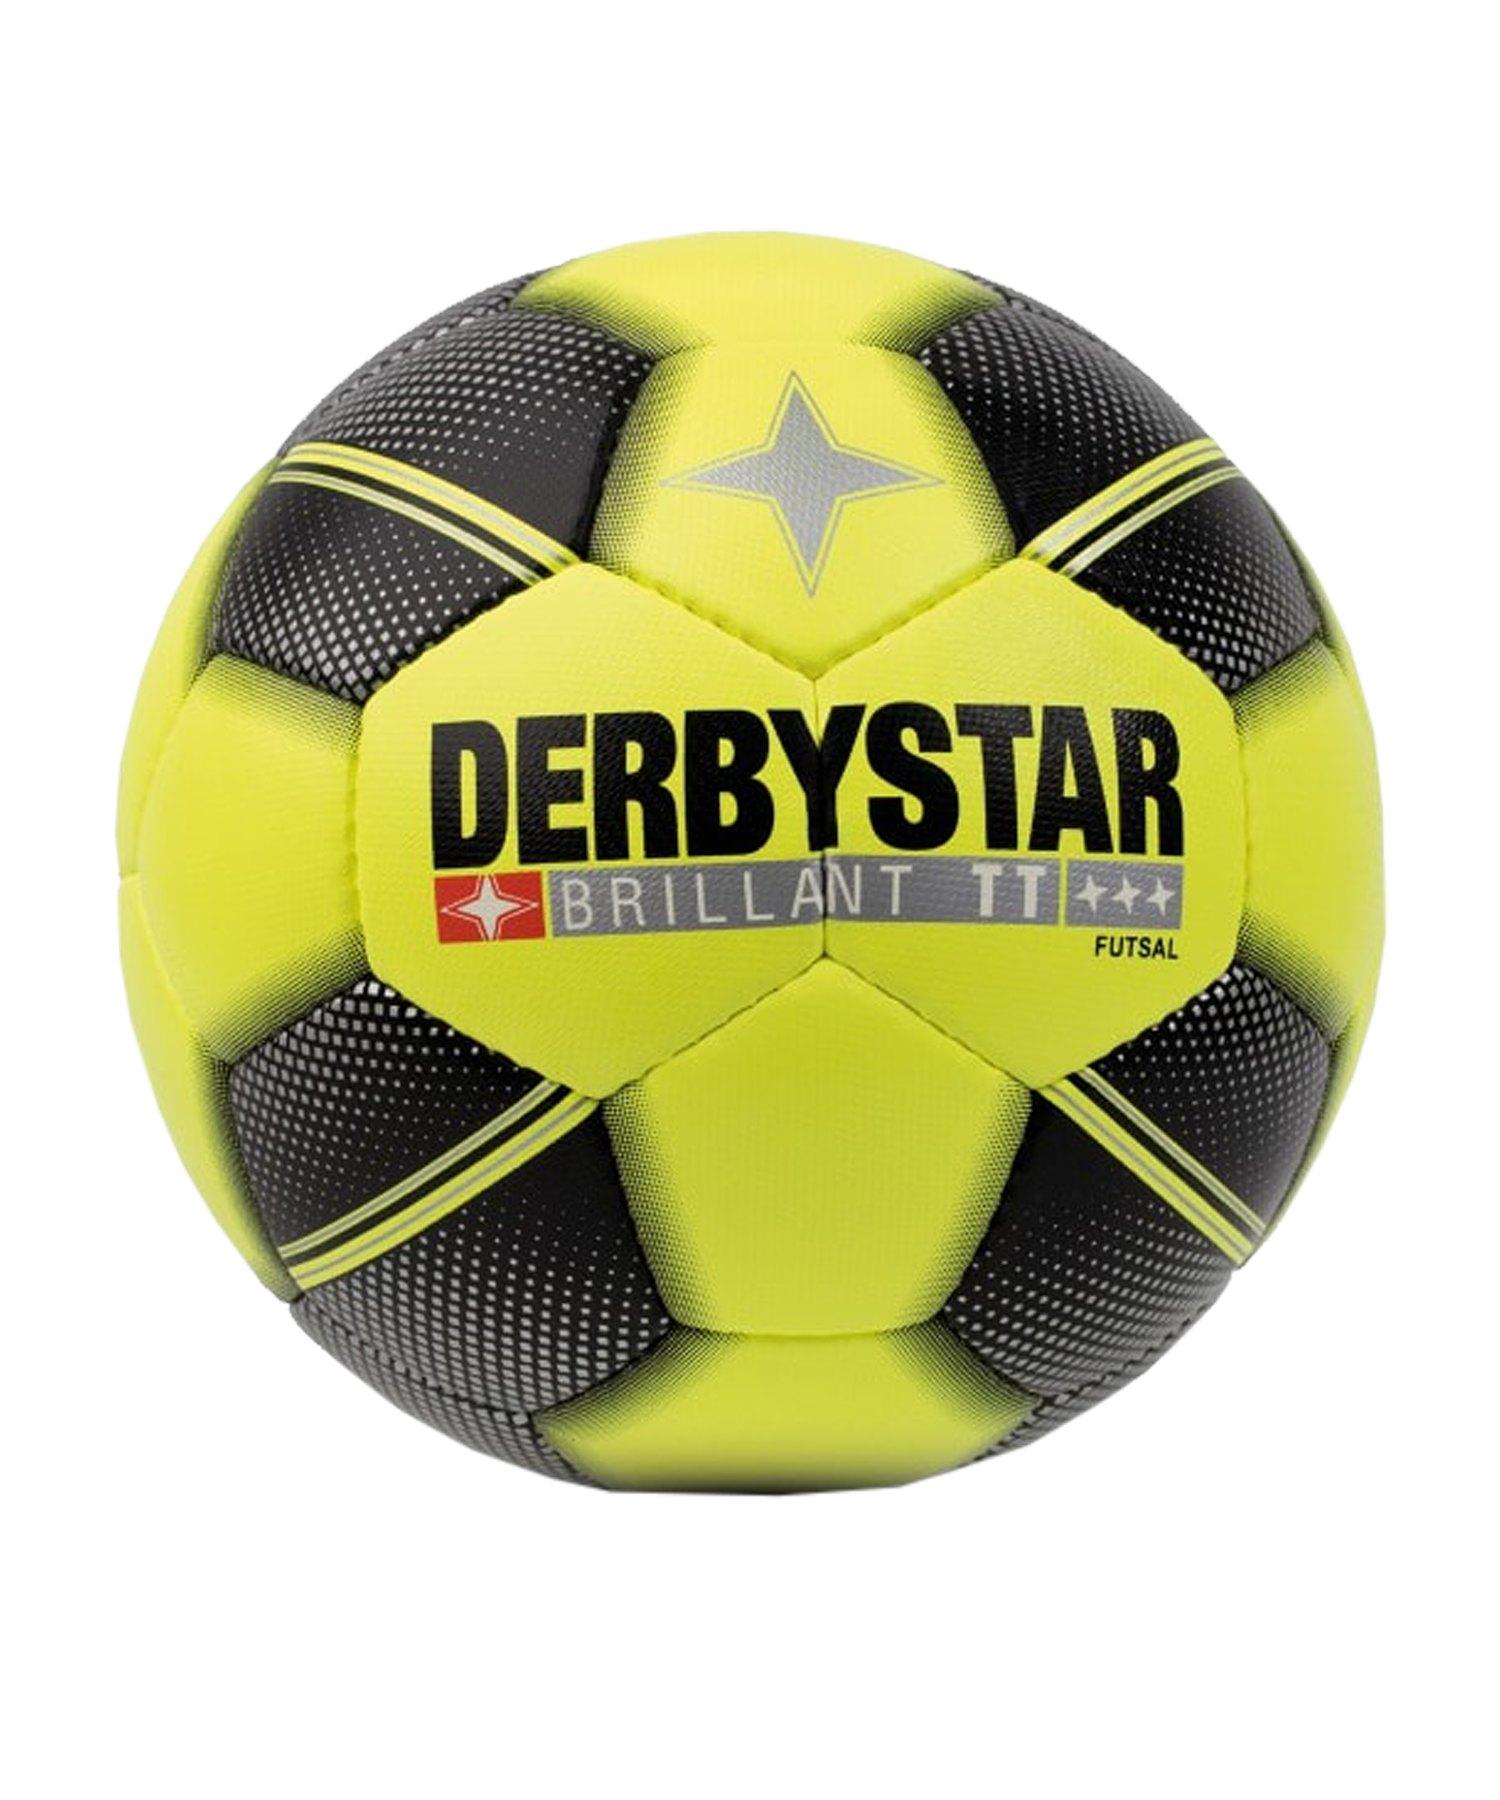 Derbystar Futsal Brillant TT Fussball Gelb F529 - gelb